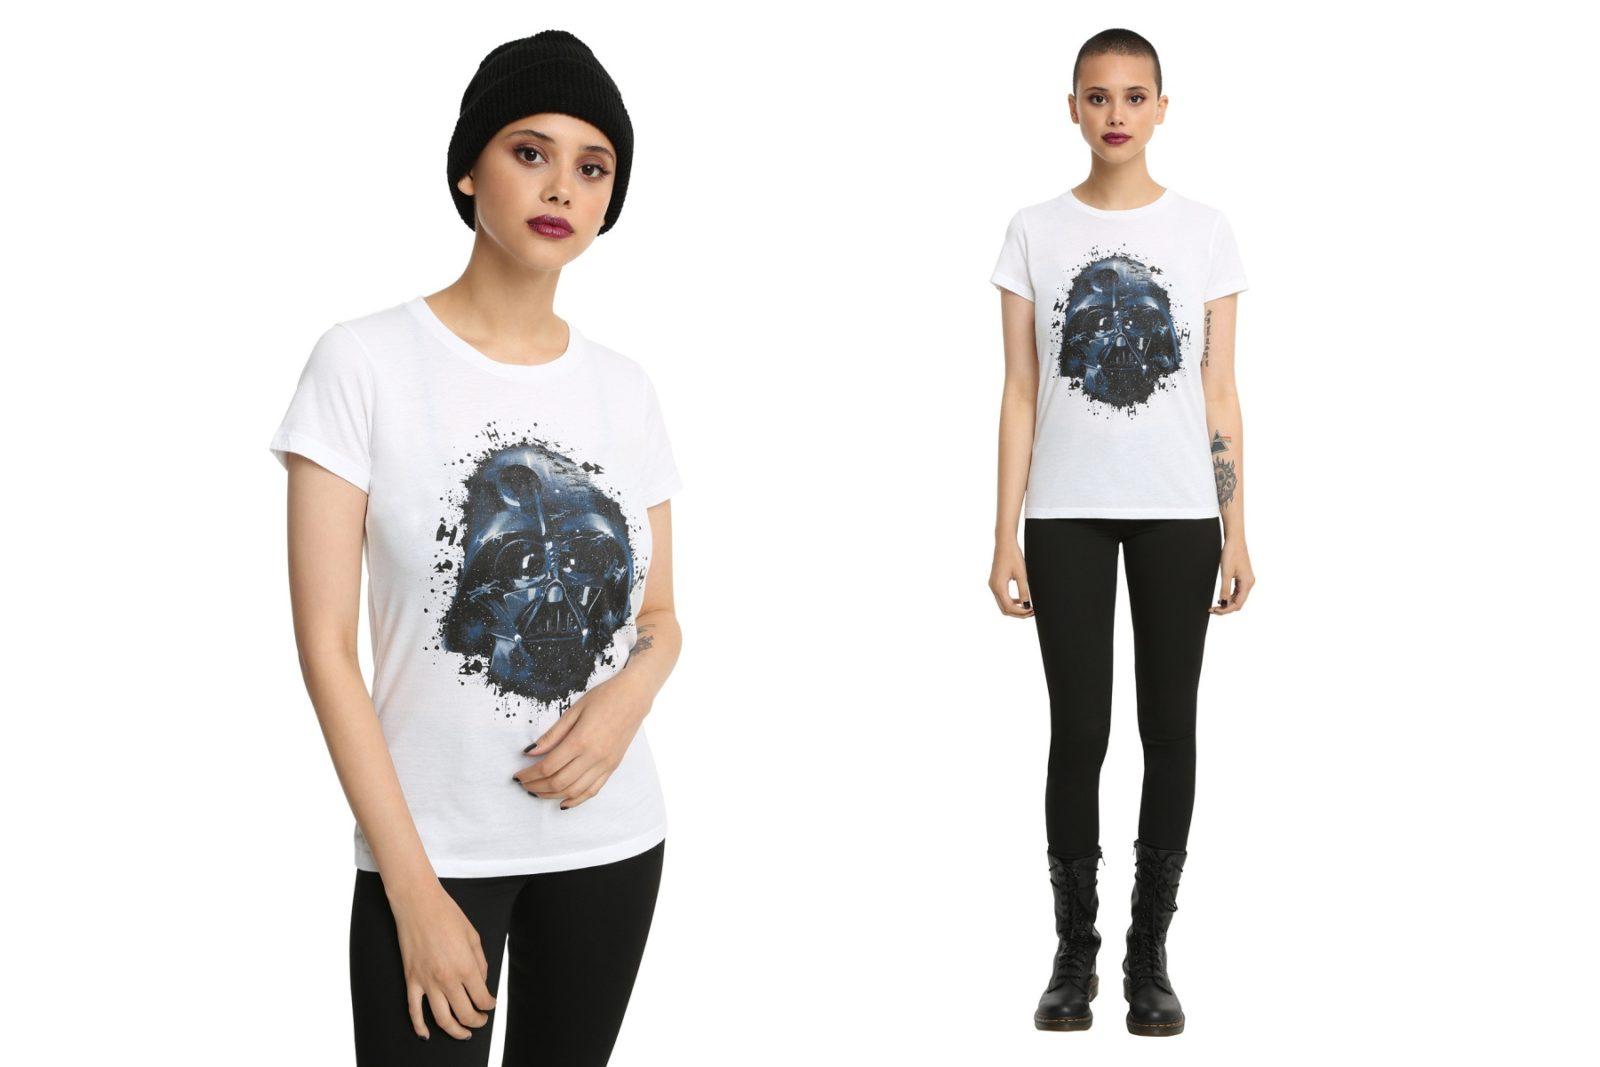 Women's Darth Vader T-Shirt at Hot Topic